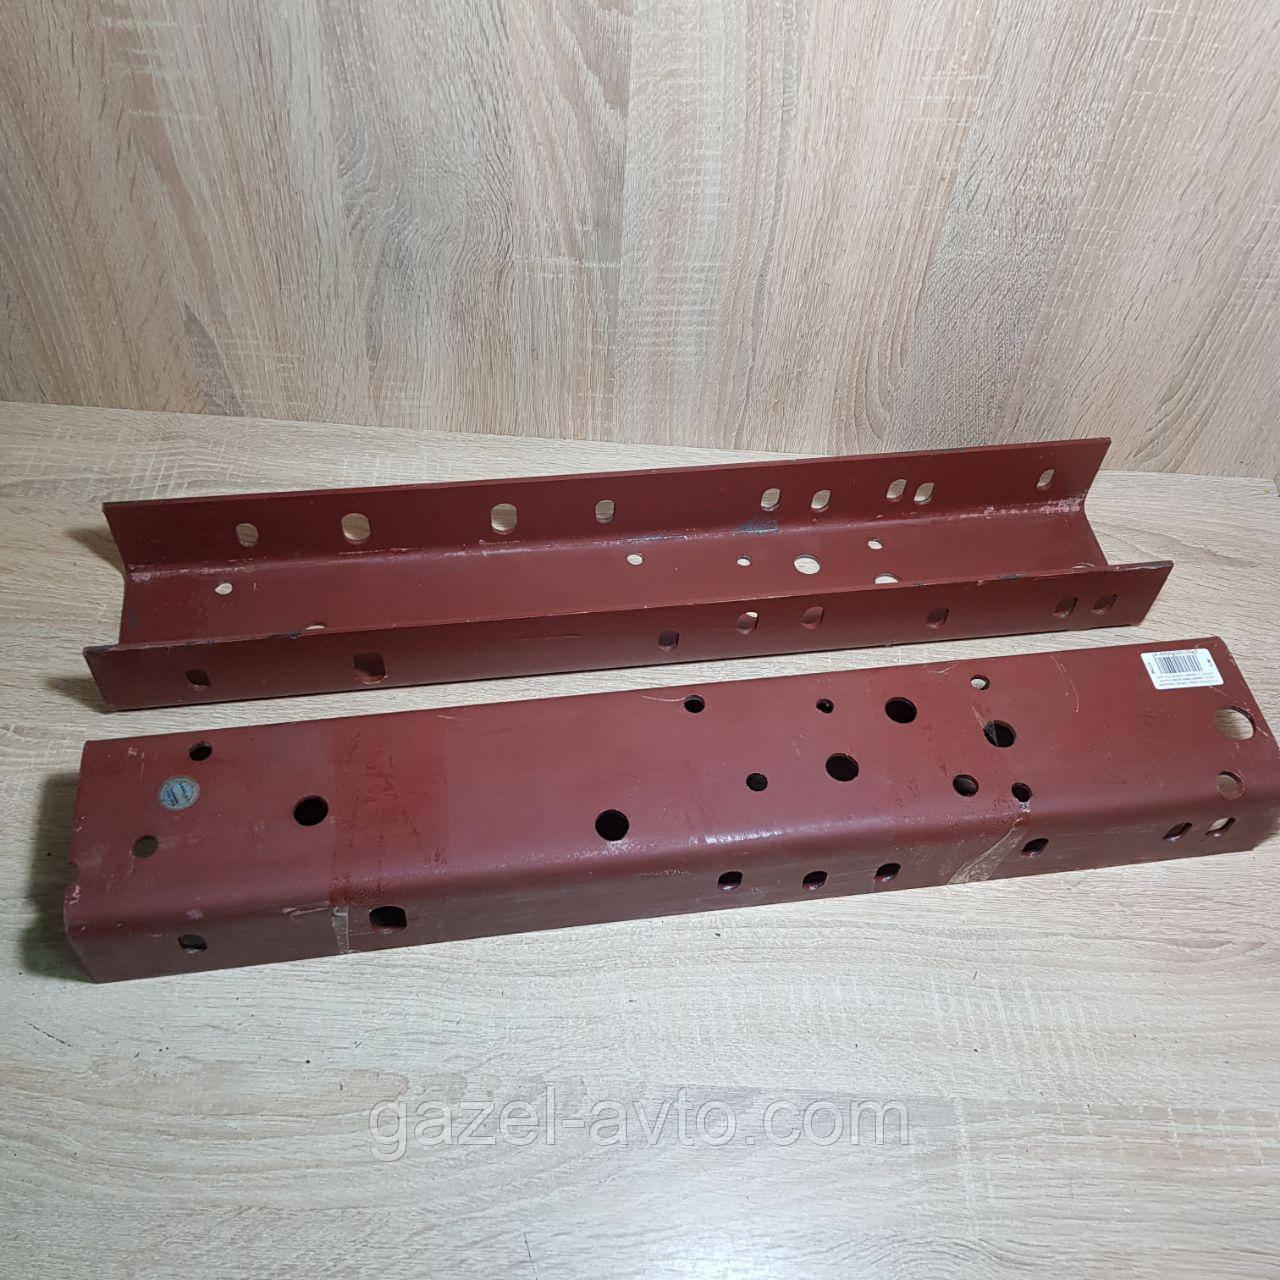 Усилитель рамы Соболь передняя часть (ремвставка из рес. стали ,толщ=4,5мм) (2 наимен.) (пр-во Россия)